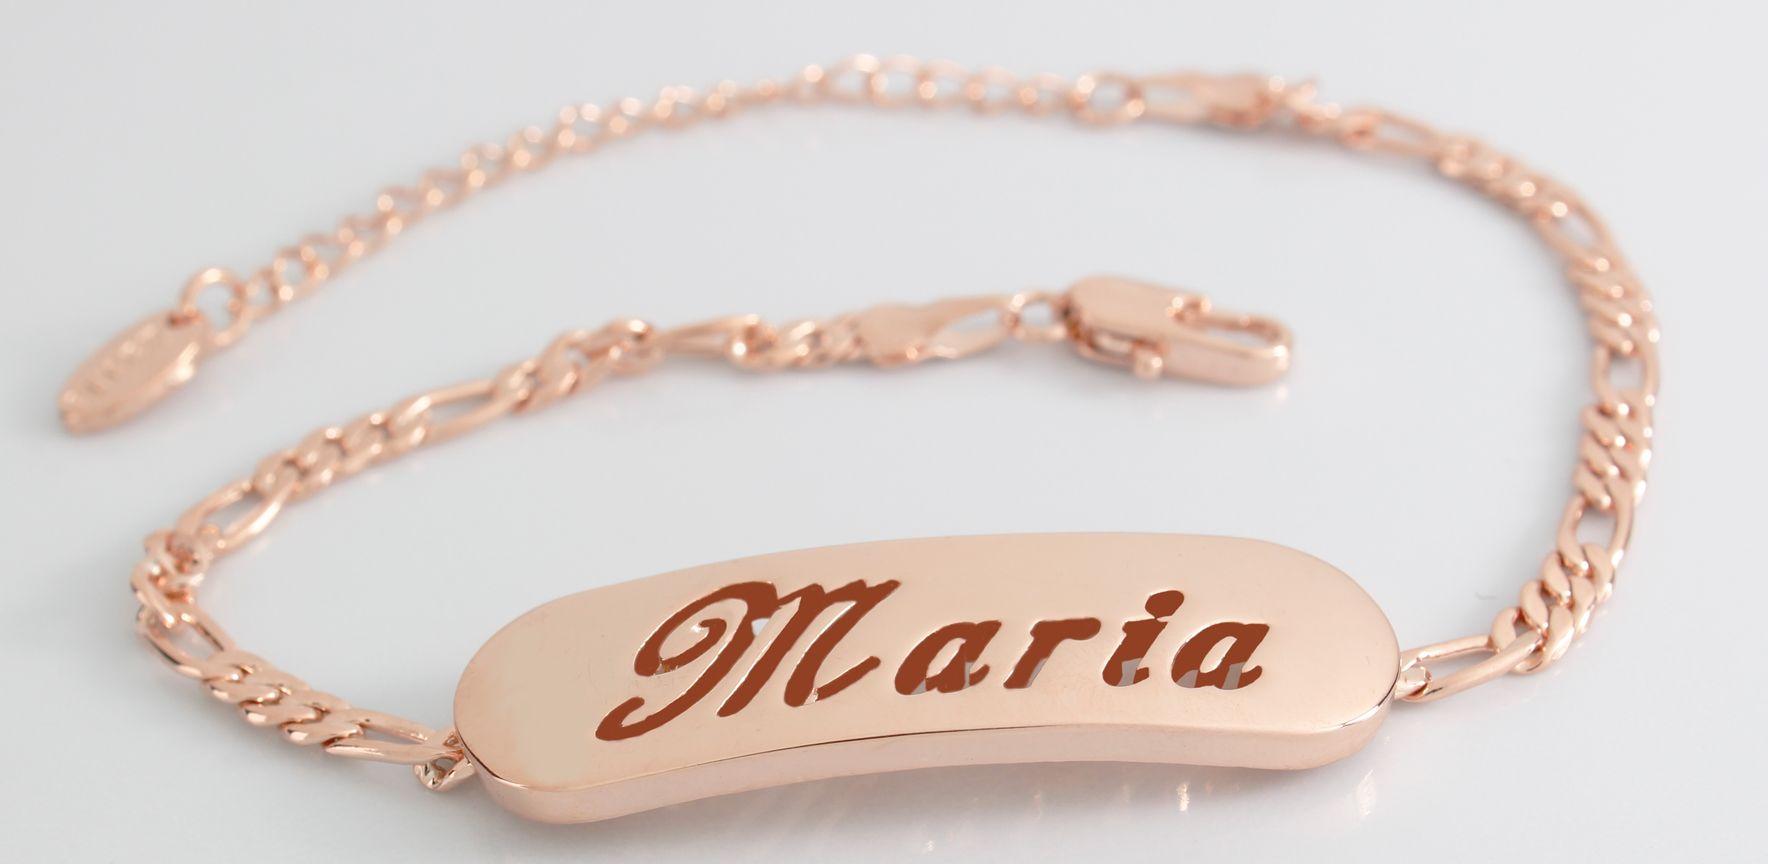 بالصور معنى اسم ماريا , معاني كلمة ماريا في اللغة اليونانية 5727 12